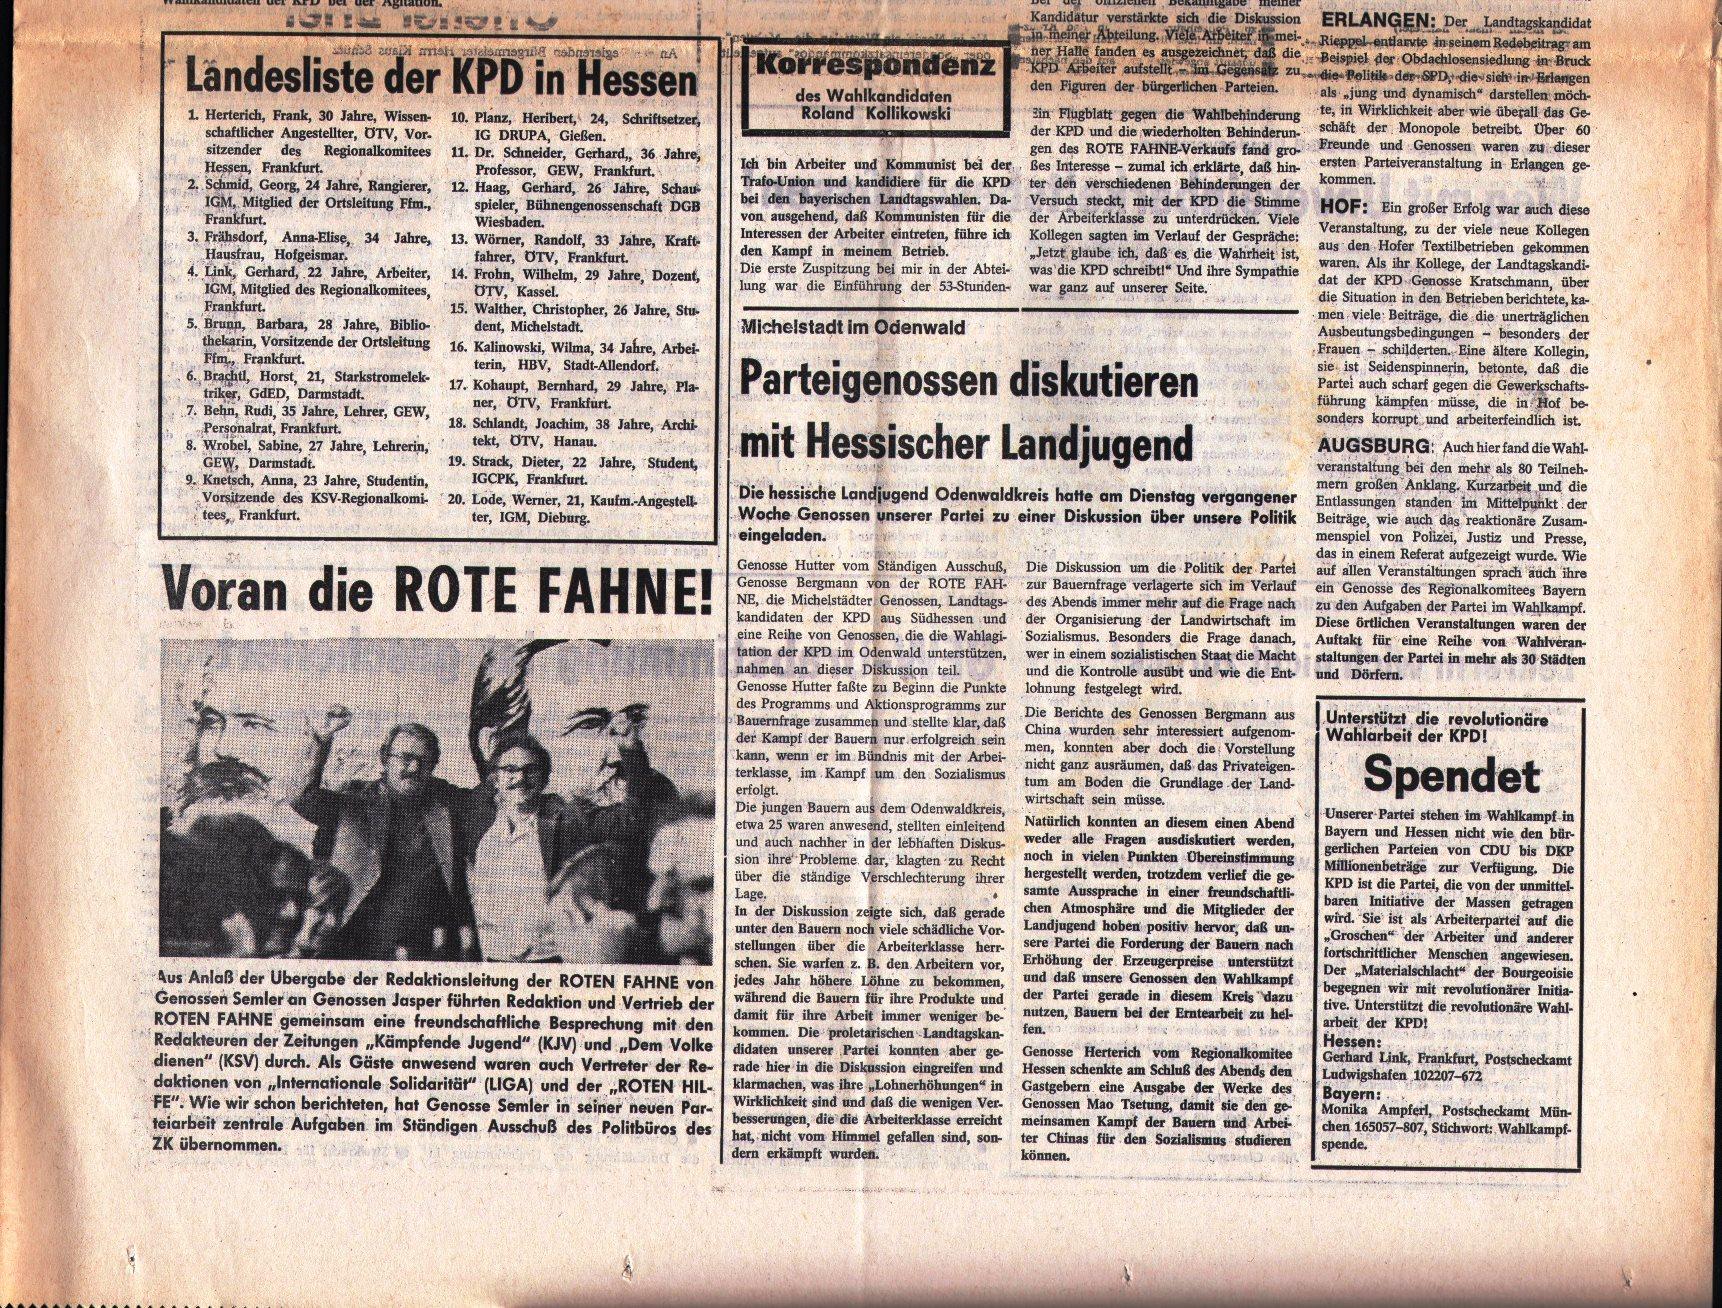 KPD_Rote_Fahne_1974_40_06